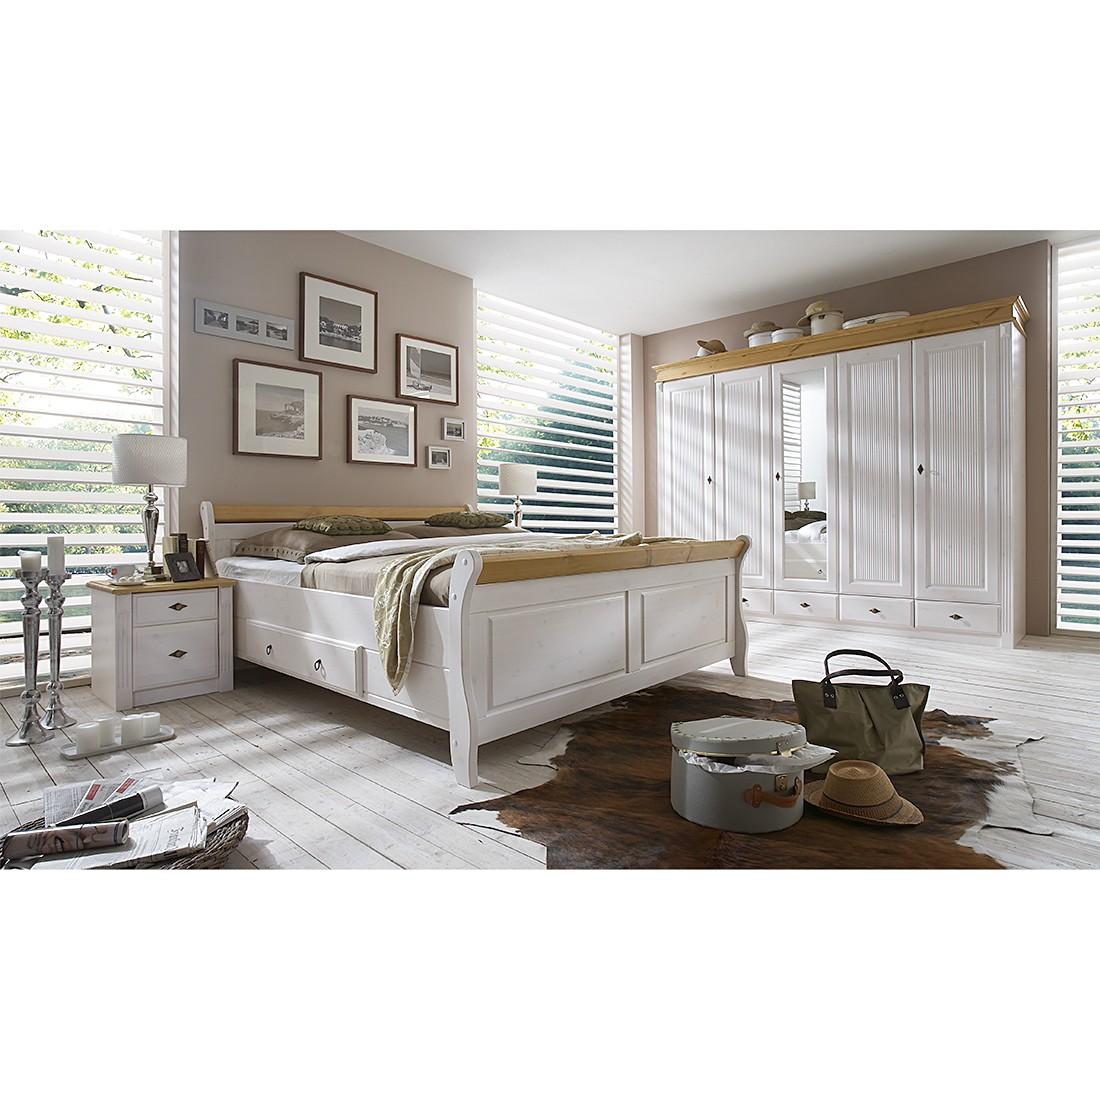 Schlafzimmer-Set Cenan I (4-teilig) - Kiefer massiv - Weiß ...